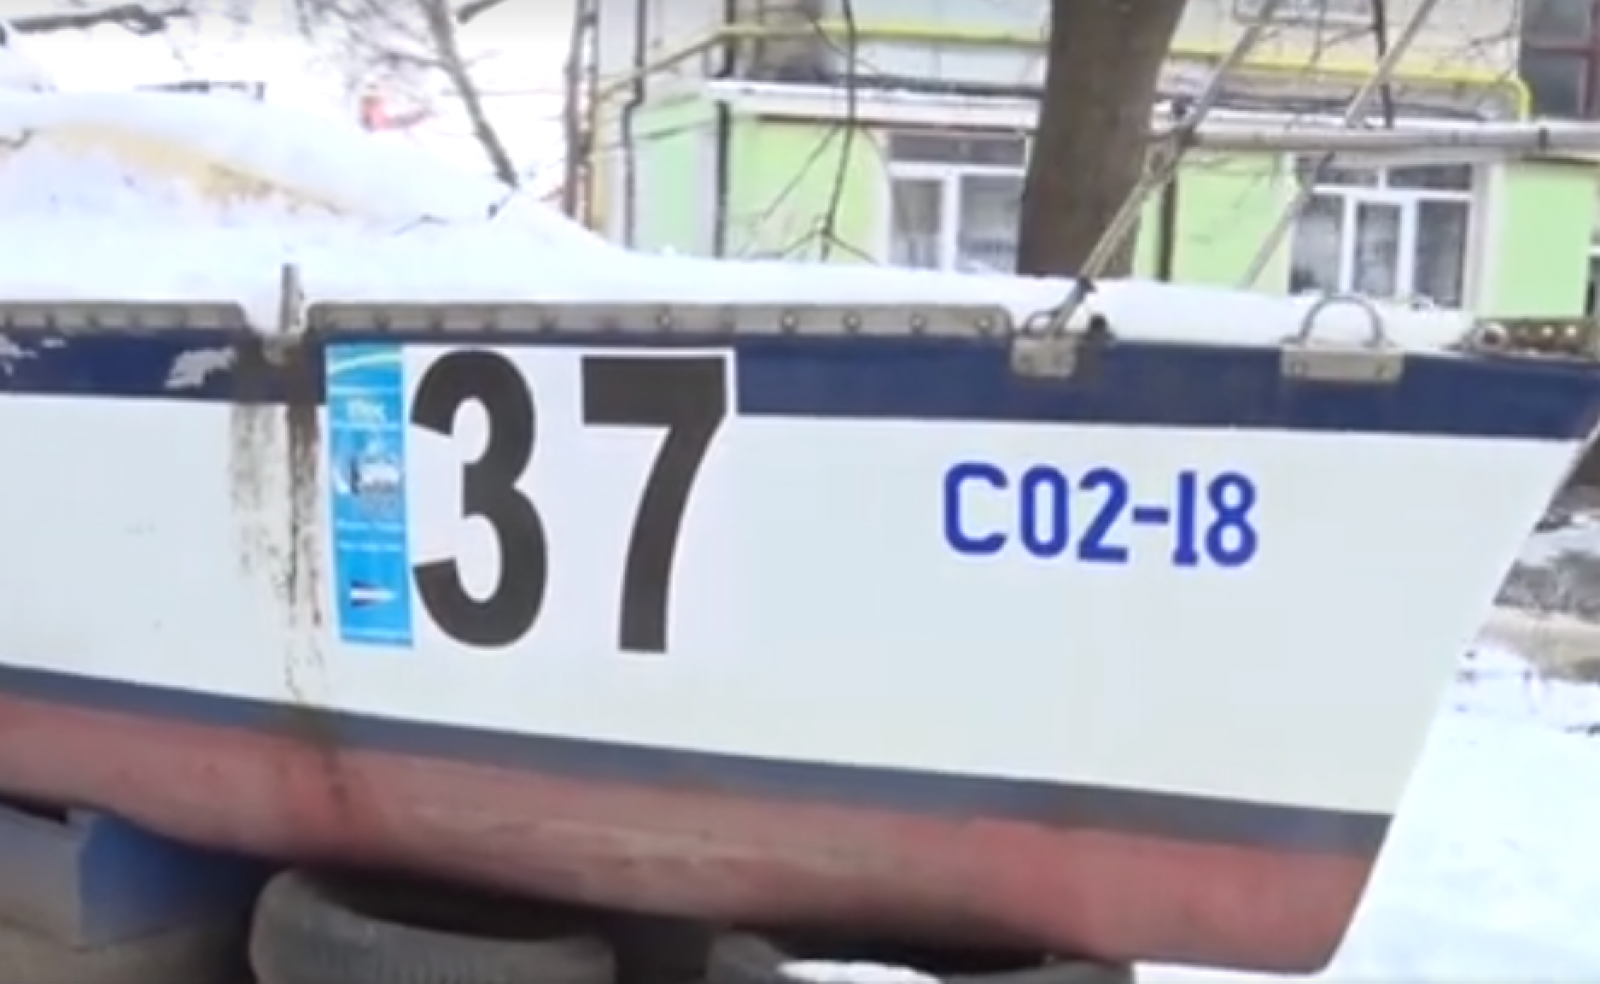 (video) Povestea unui iaht parcat în curtea unui bloc de locuit din capitală: A plecat din Odesa ca să ajungă în lacul de la Valea Morilor